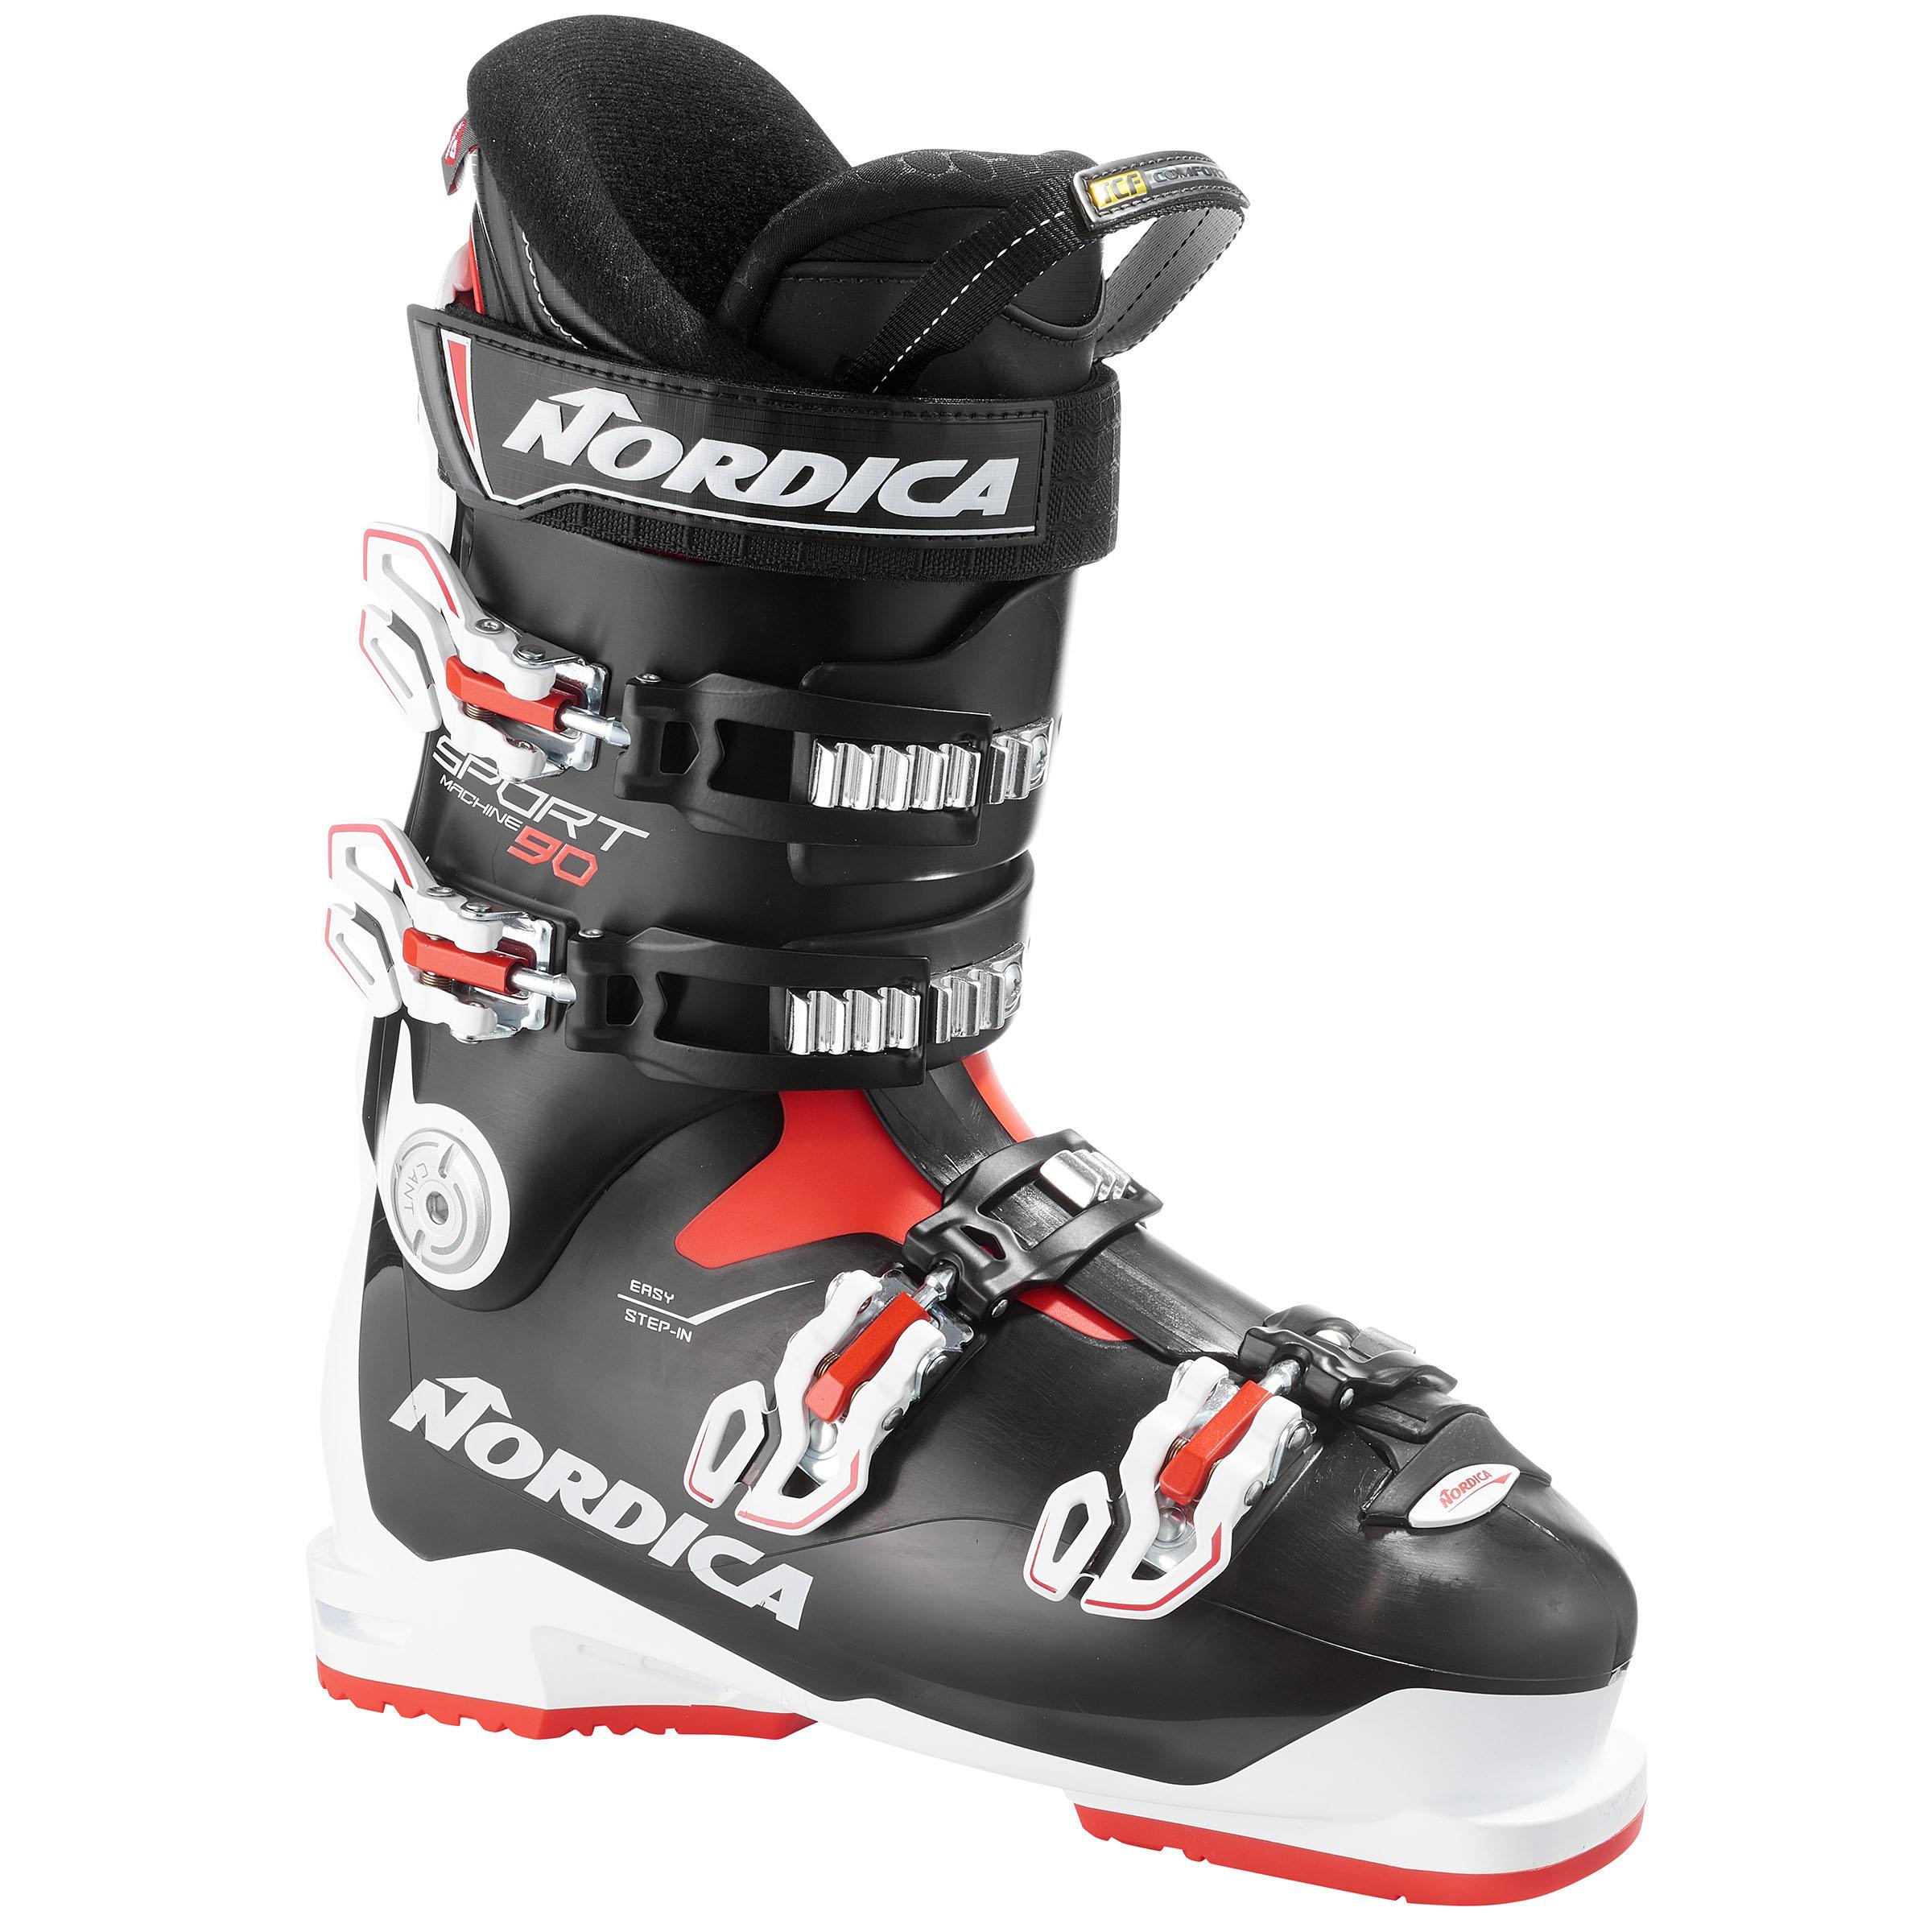 Nordica Skischoenen voor heren Sportmachine 90 zwart thumbnail